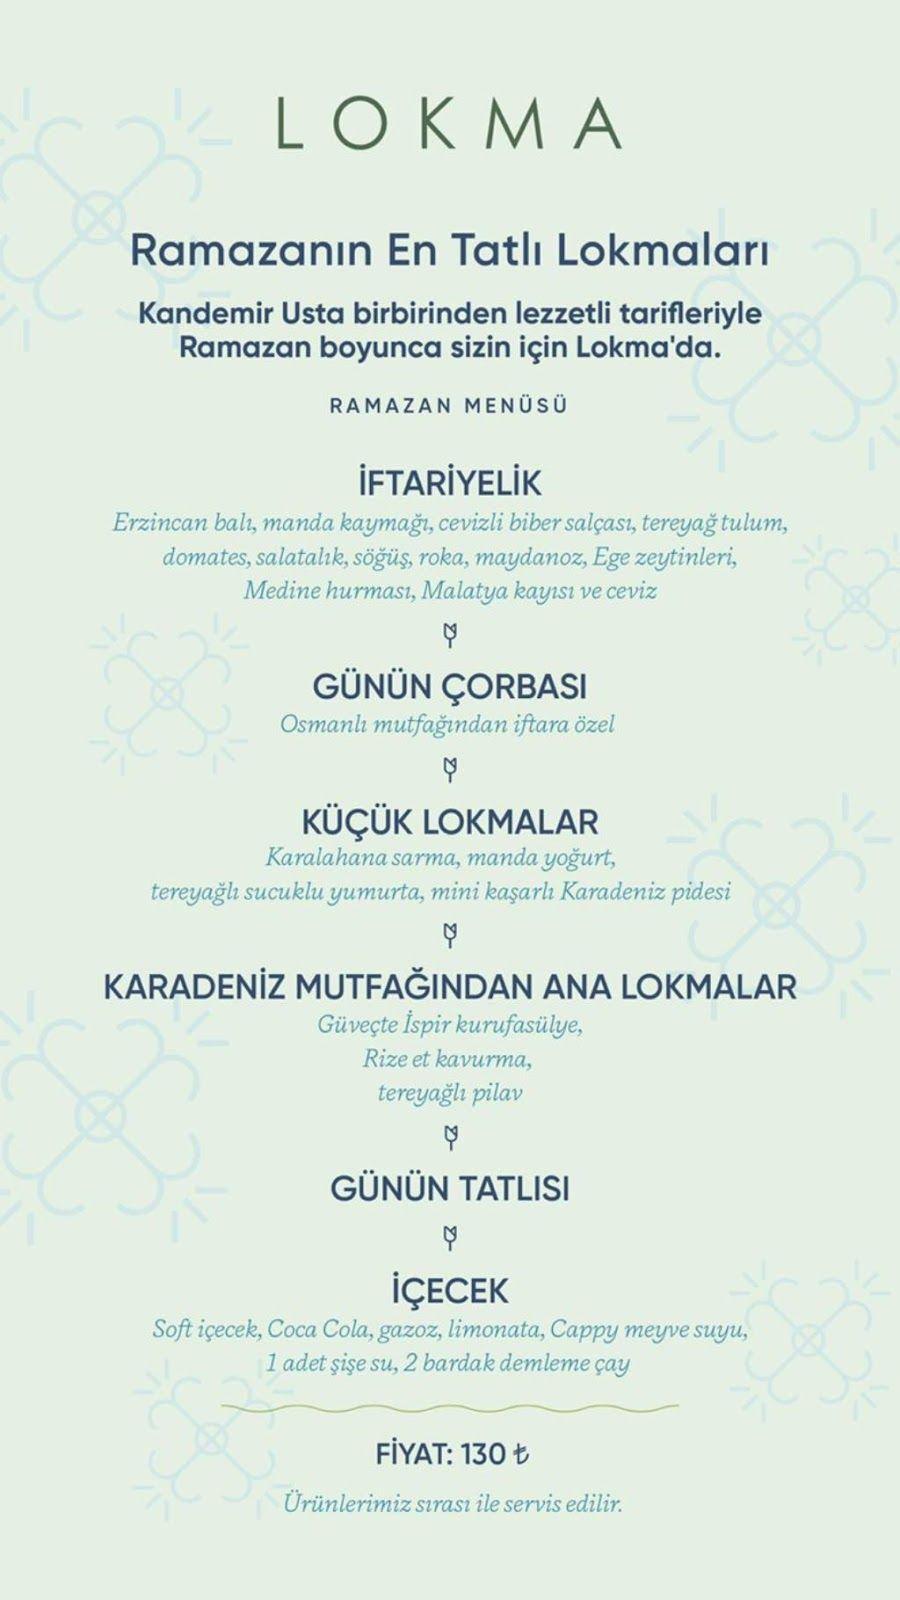 Lokma Rumeli Hisari Ramazan 2019 Iftar Menuleri Ve Fiyatlari Iftar Menusu Iftar Tabagi Serpme Iftariyelikler Corba Gunun Corbasi Iftar Ramazan Mesrubat